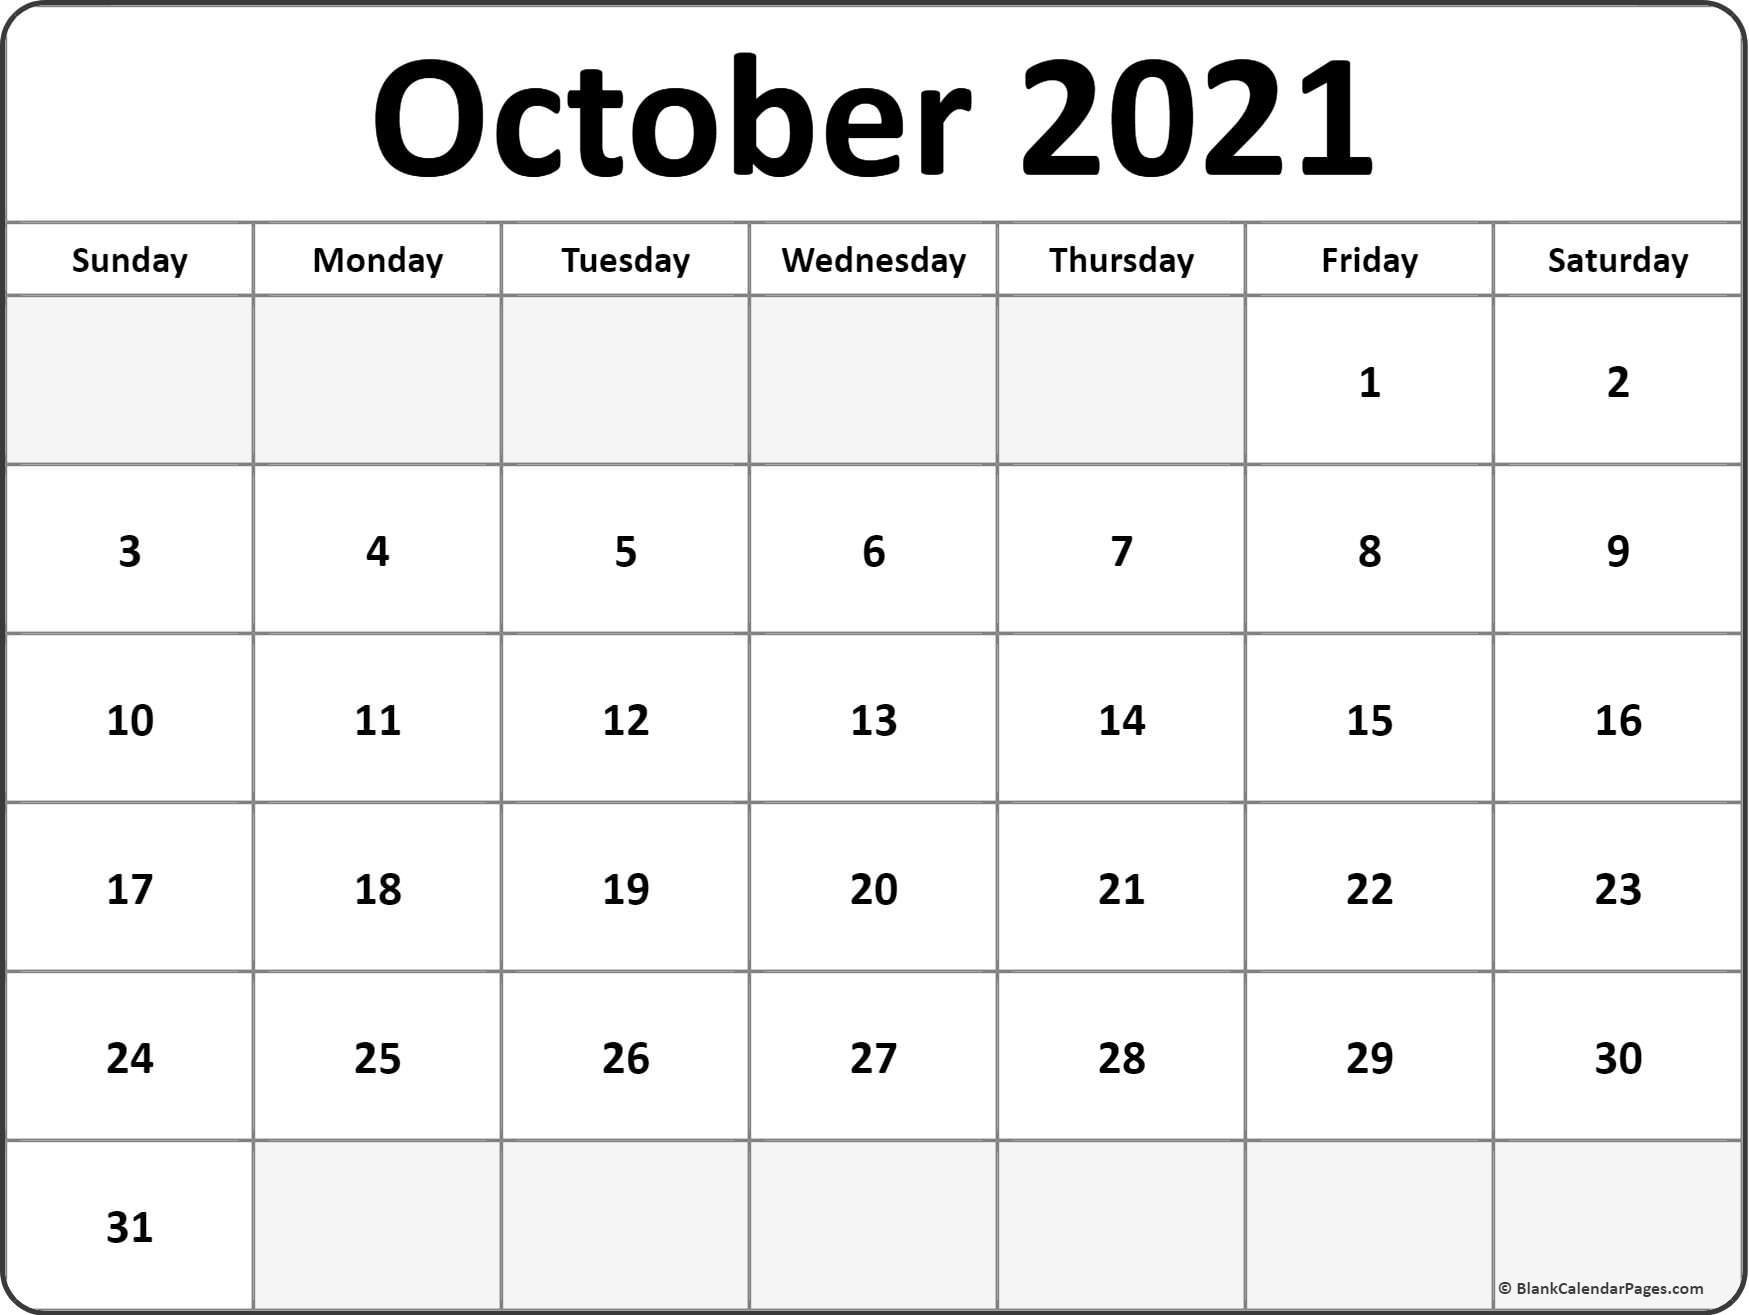 October 2021 Blank Calendar Templates. October 2020 To January 2021 Calendar